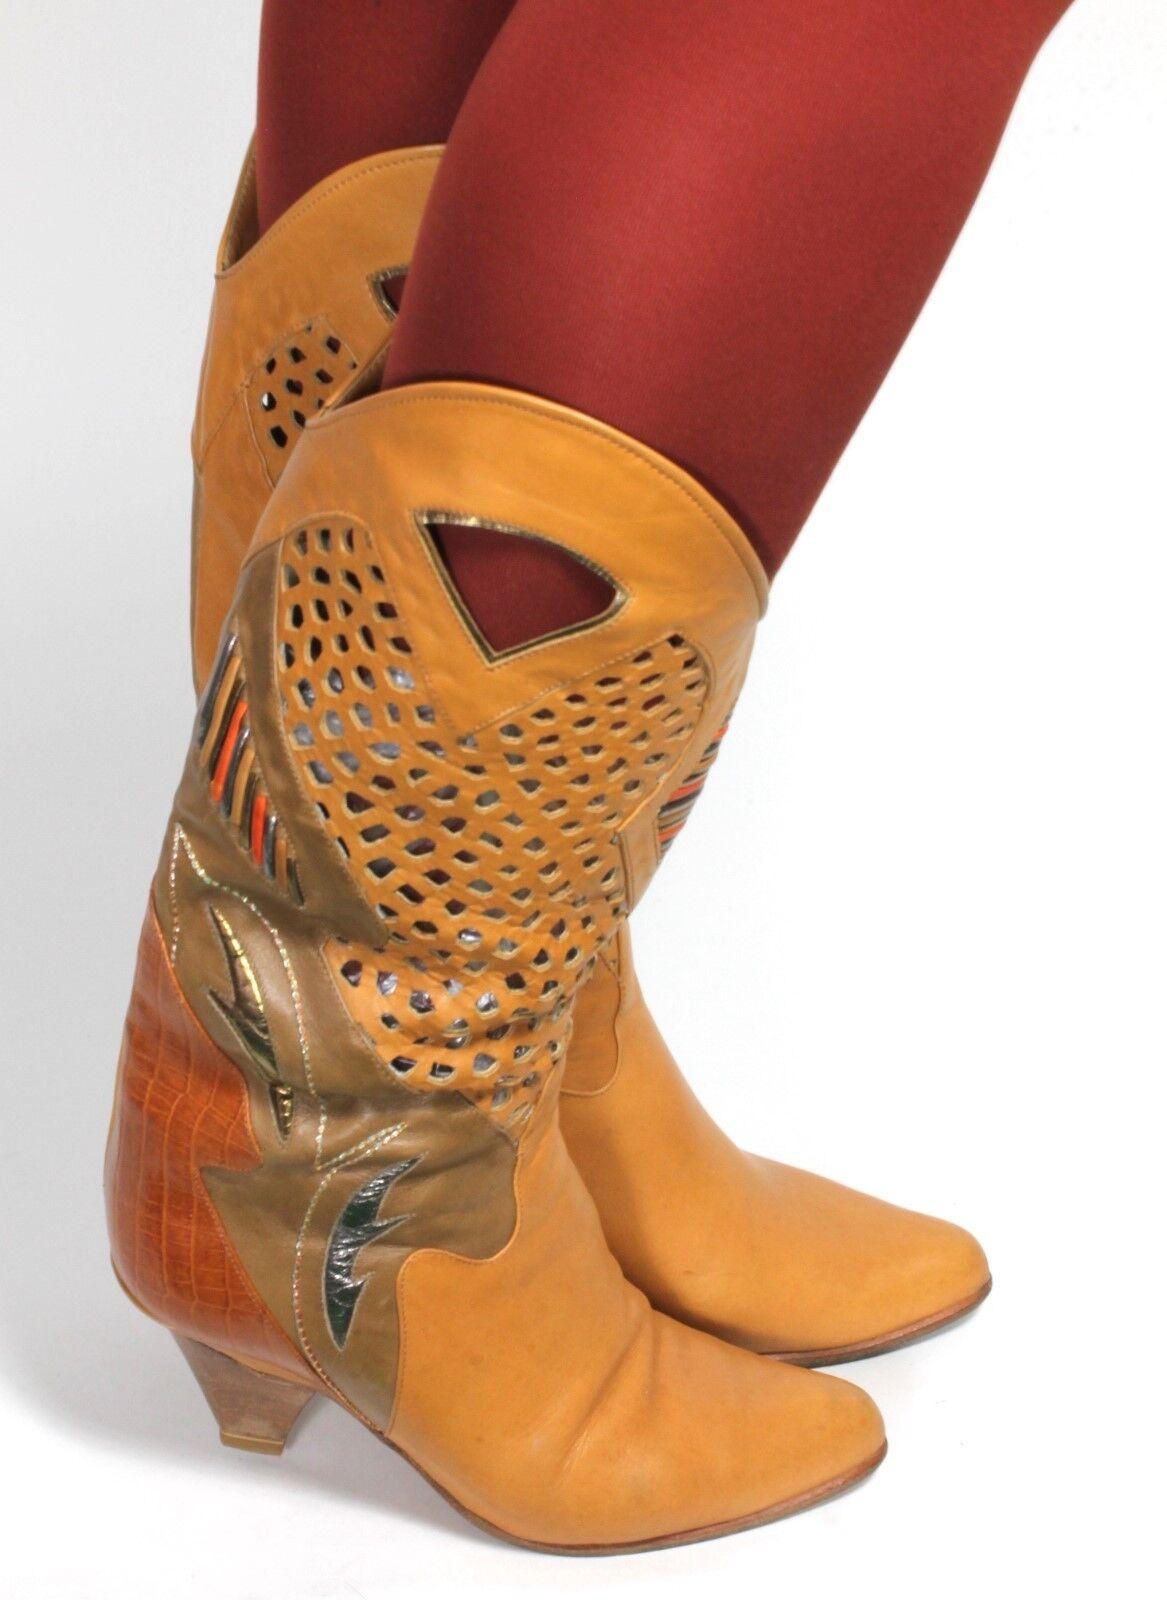 Señora botas vintage botas de cuero blogueros metalizado glam agujero patrón tolin 35